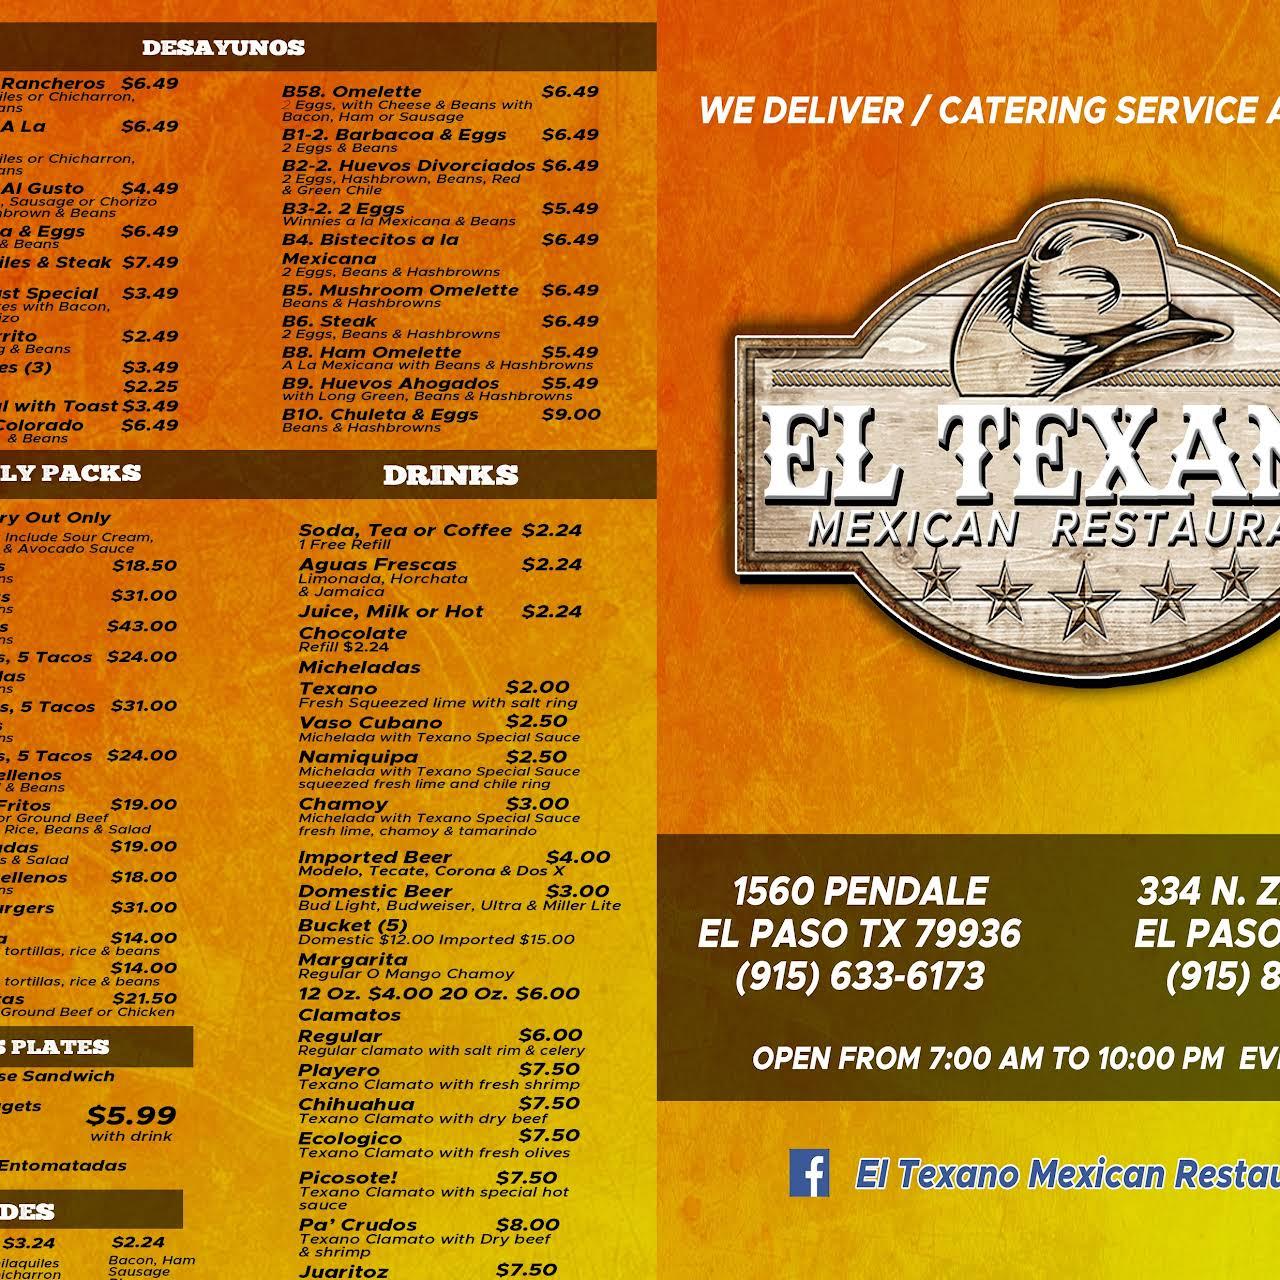 El Texano Mexican Restaurant Mexican Restaurant In El Paso